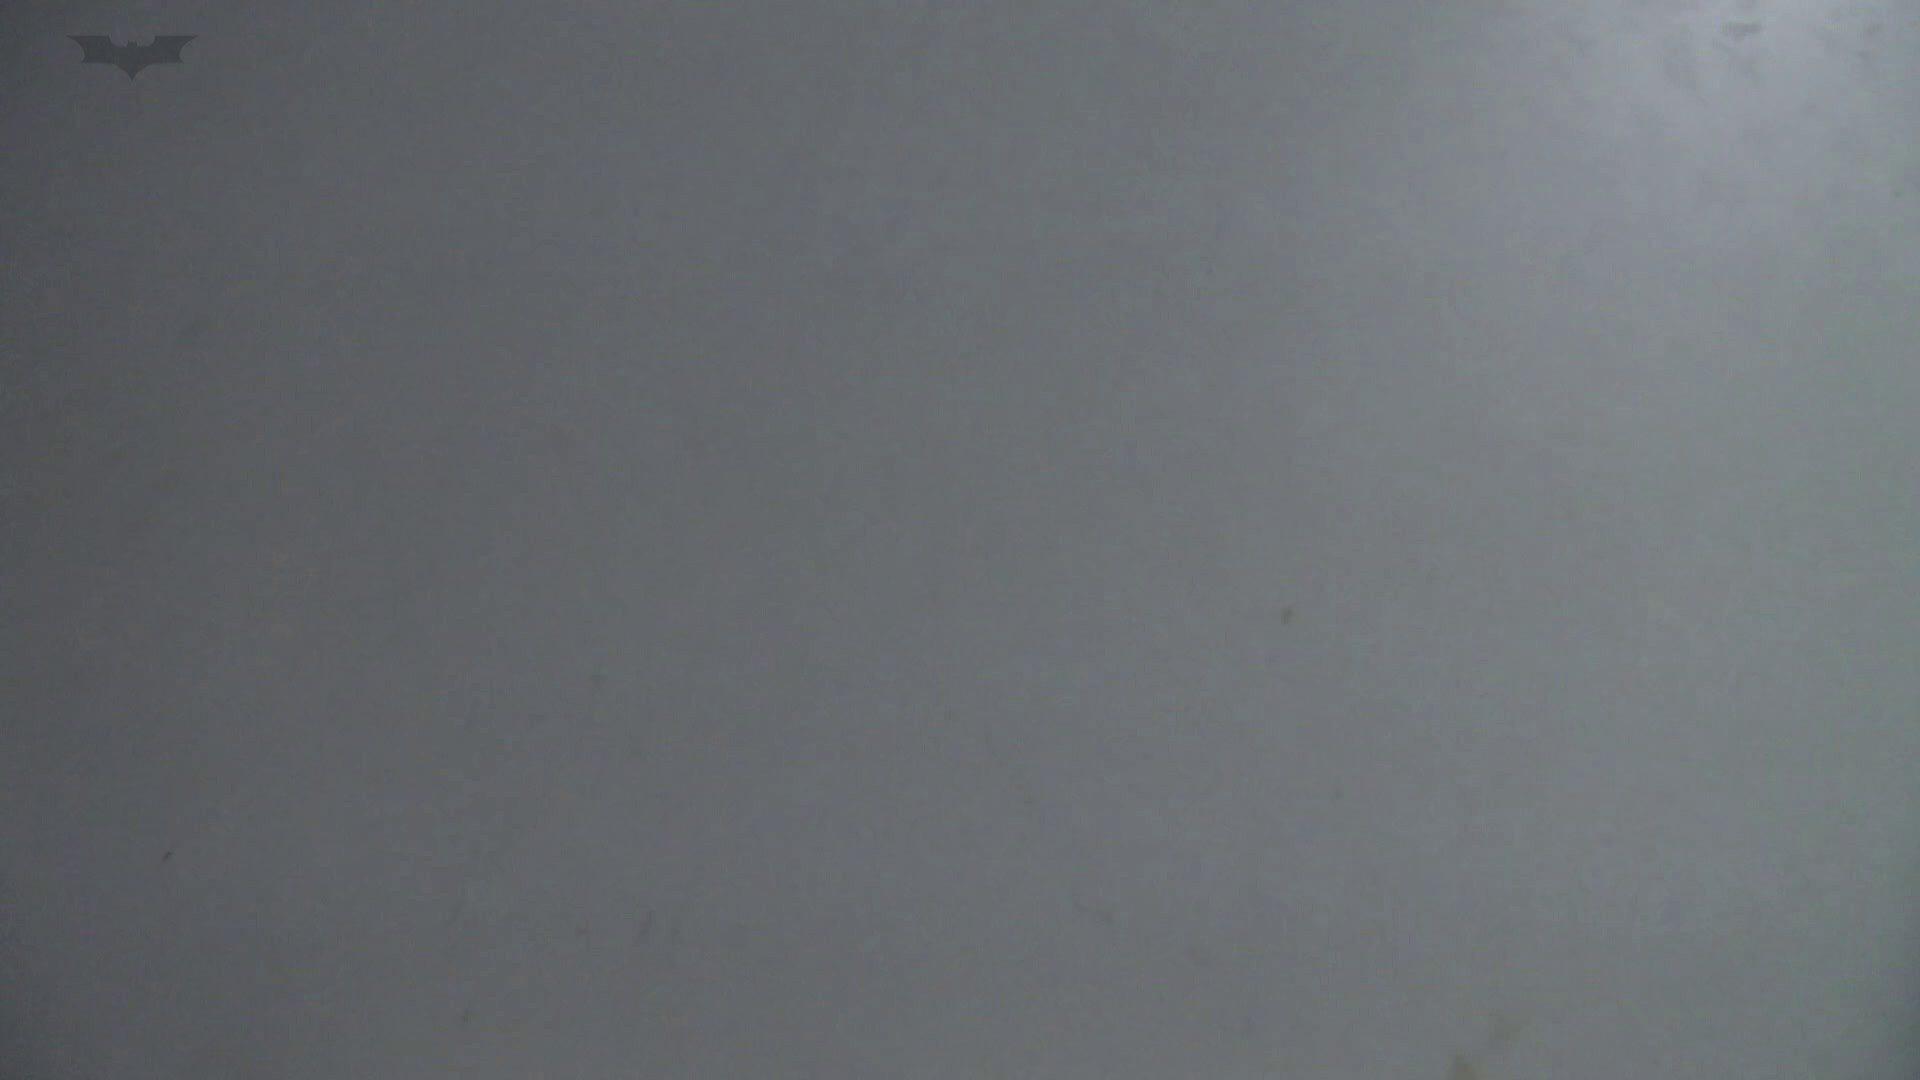 ▲復活限定▲マンコ丸見え!花火大会潜入撮 Vol.02 明るい場所に移動! 期間限定作品 われめAV動画紹介 95画像 70